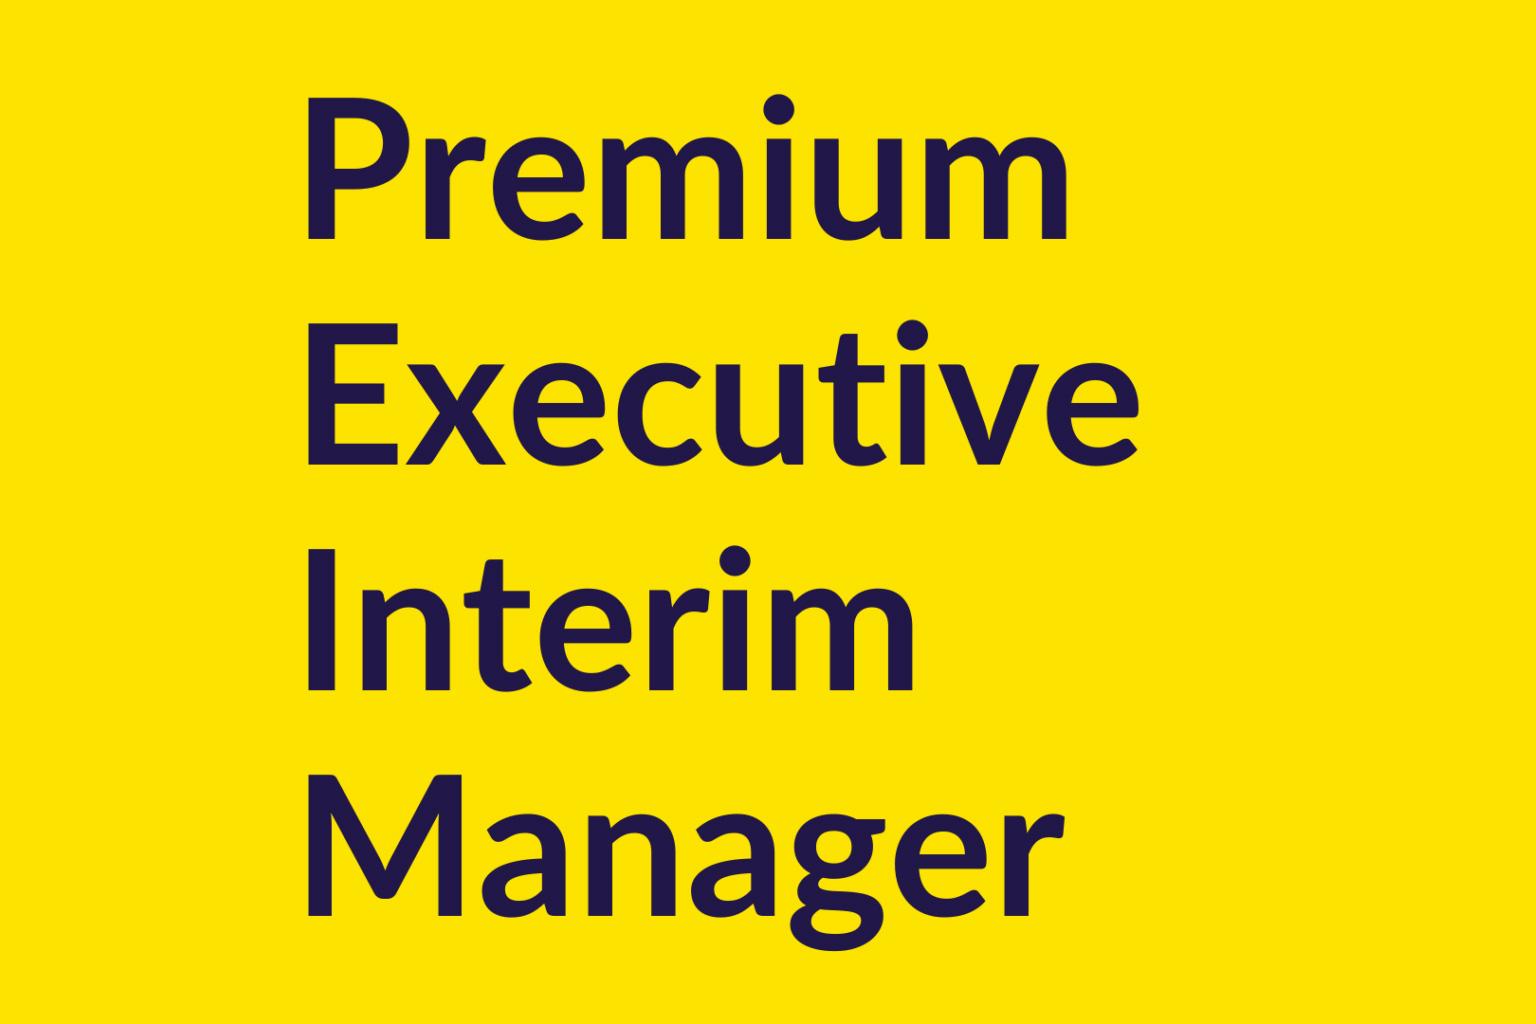 Premium Executive Interim Manager